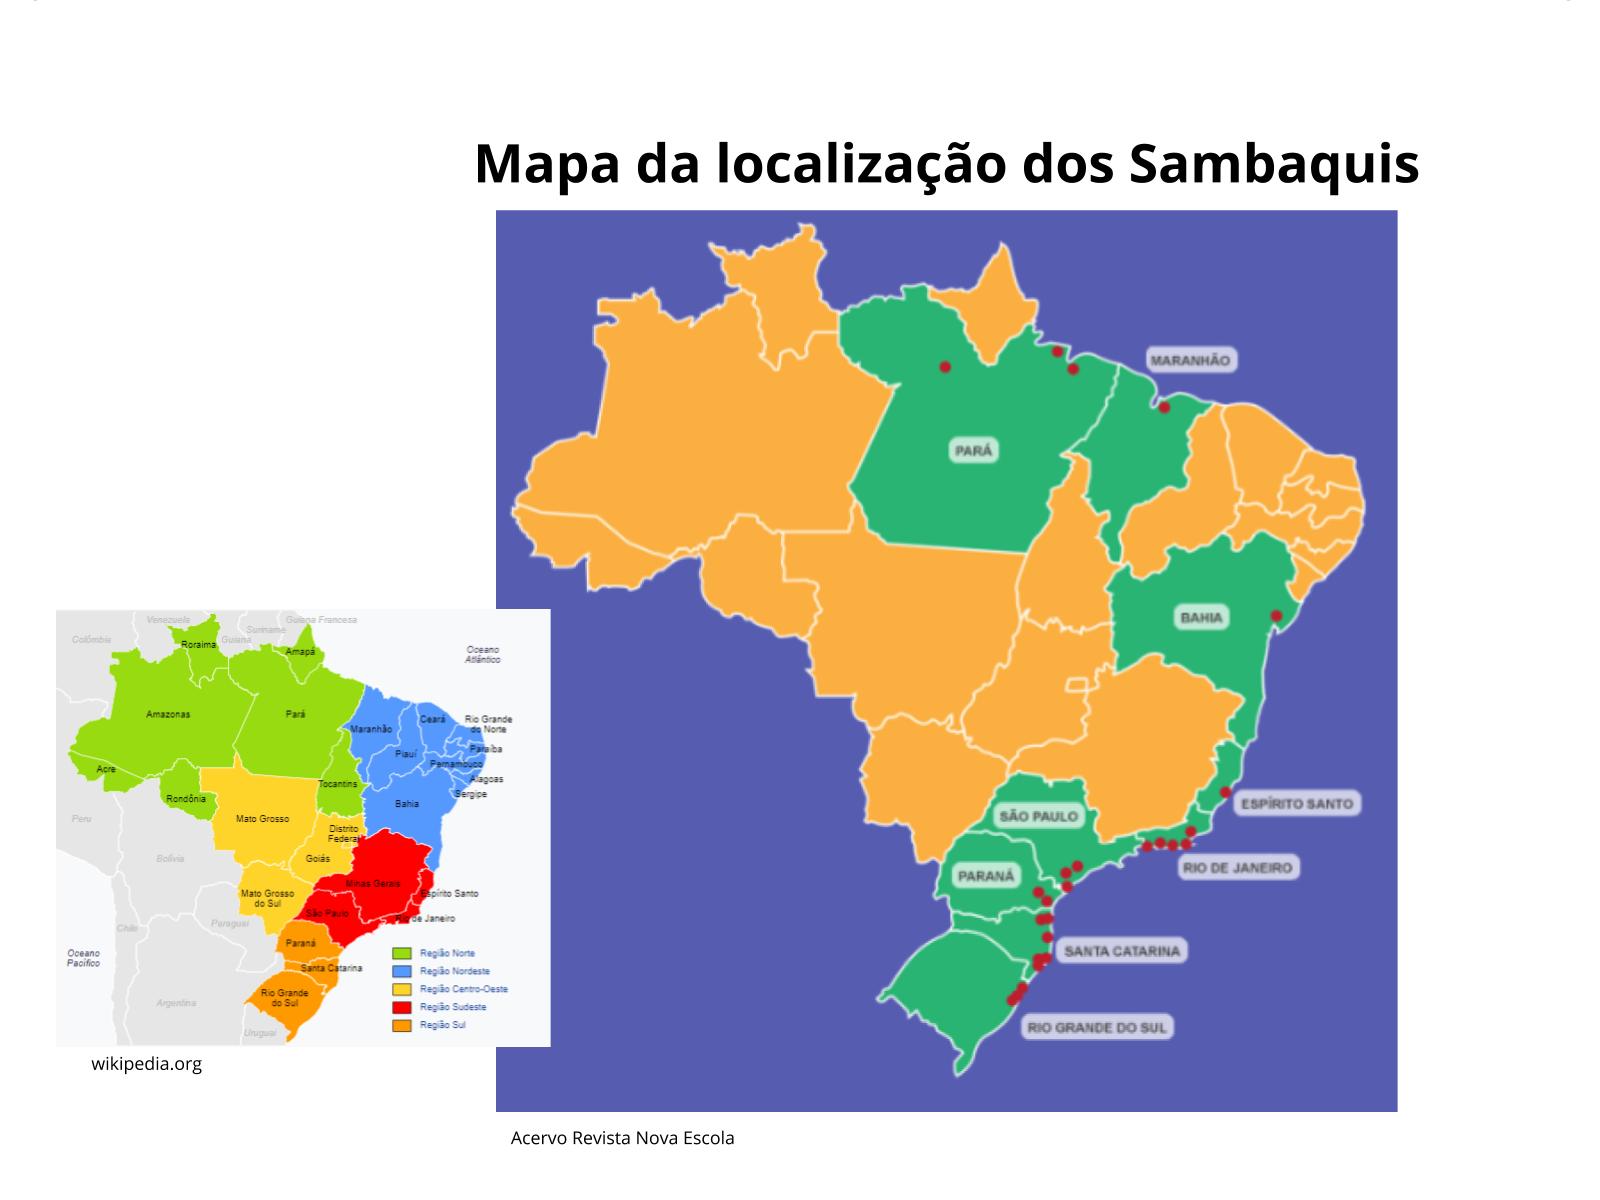 Povos dos sambaquis